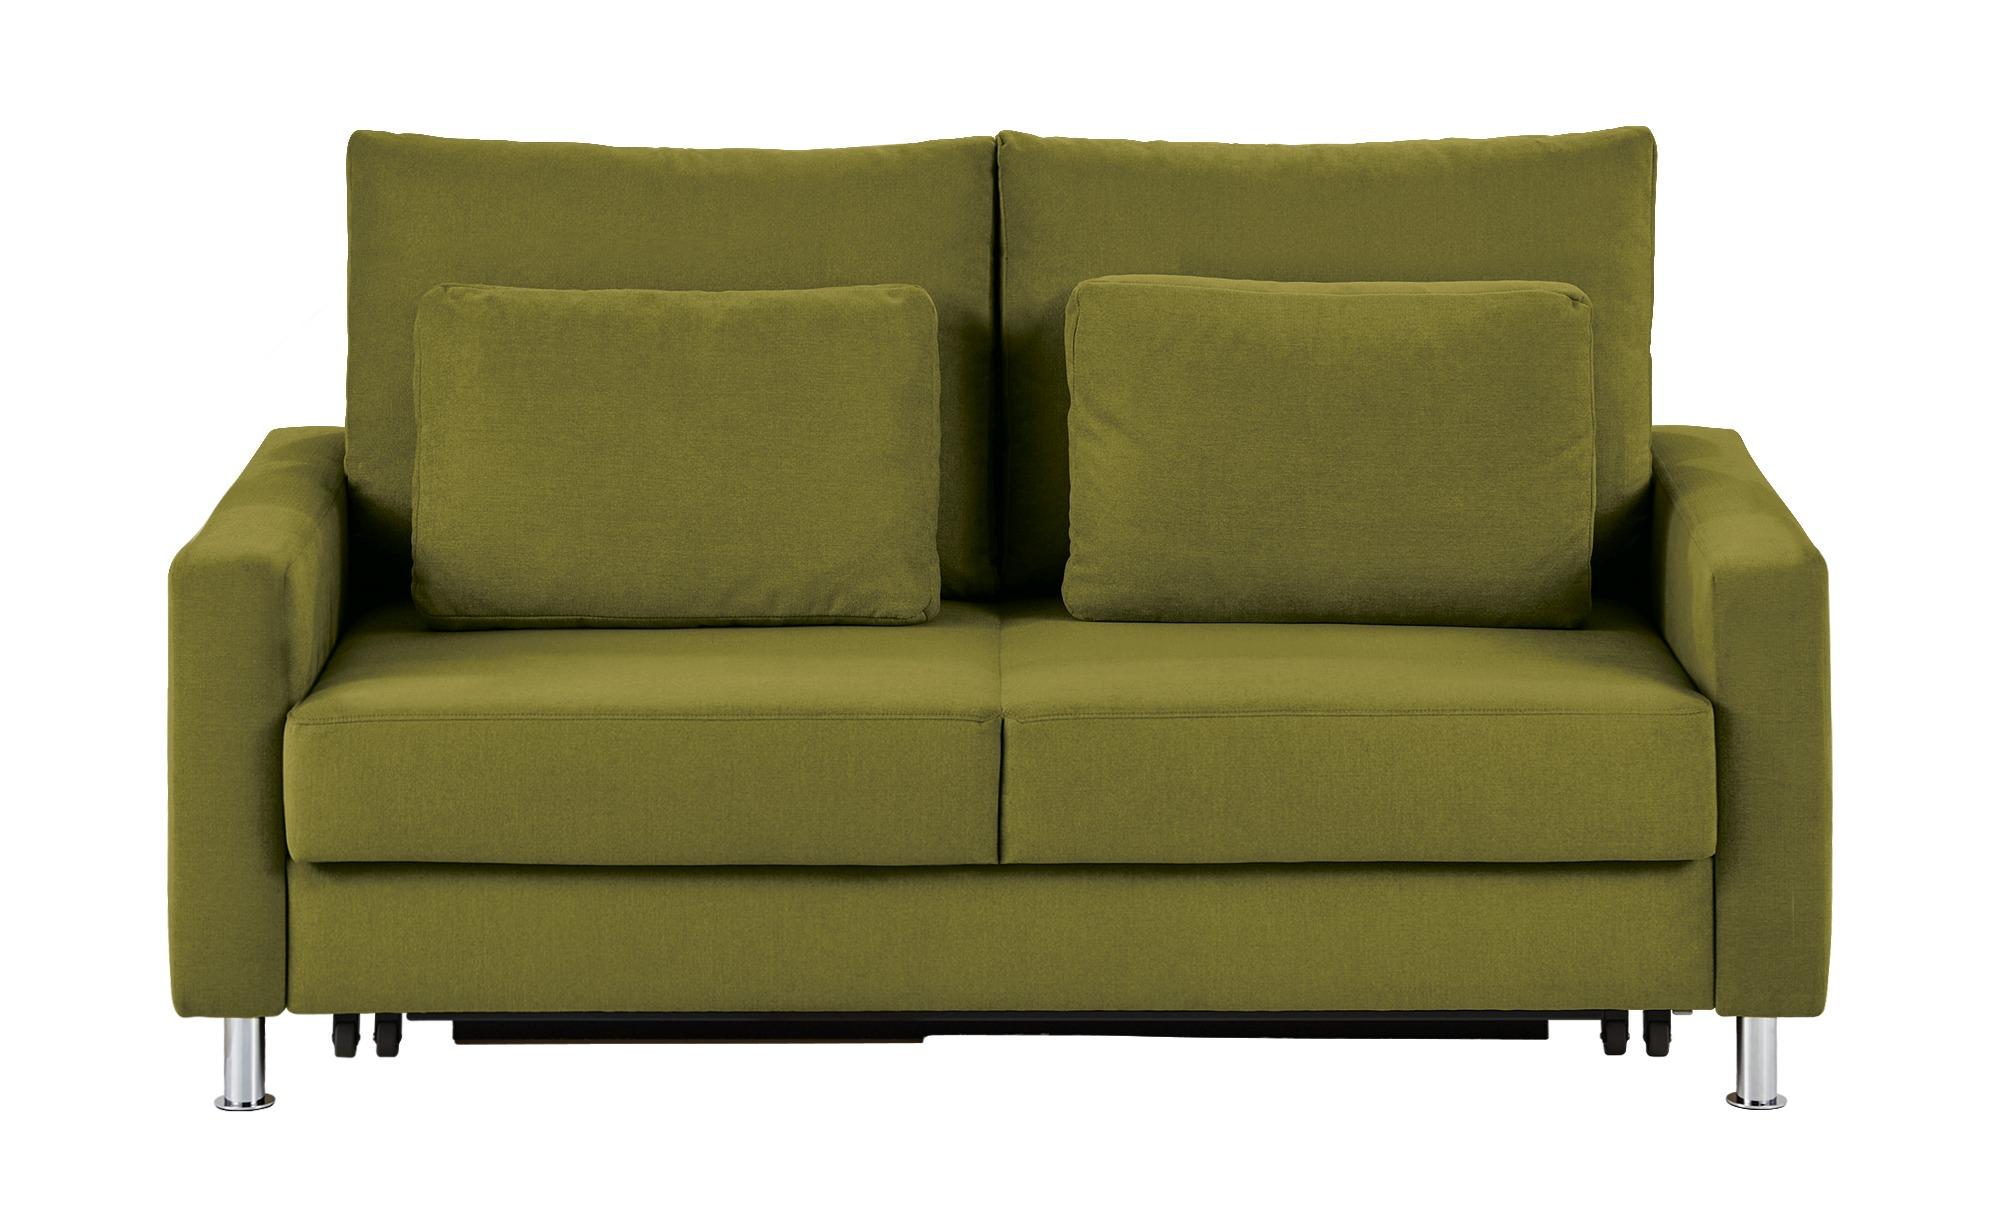 Schlafsofa grün - Mikrofaser Fürth ¦ grün ¦ Maße (cm): B: 186 H: 90 T: 95 Polstermöbel > Sofas > 2-Sitzer - Höffner